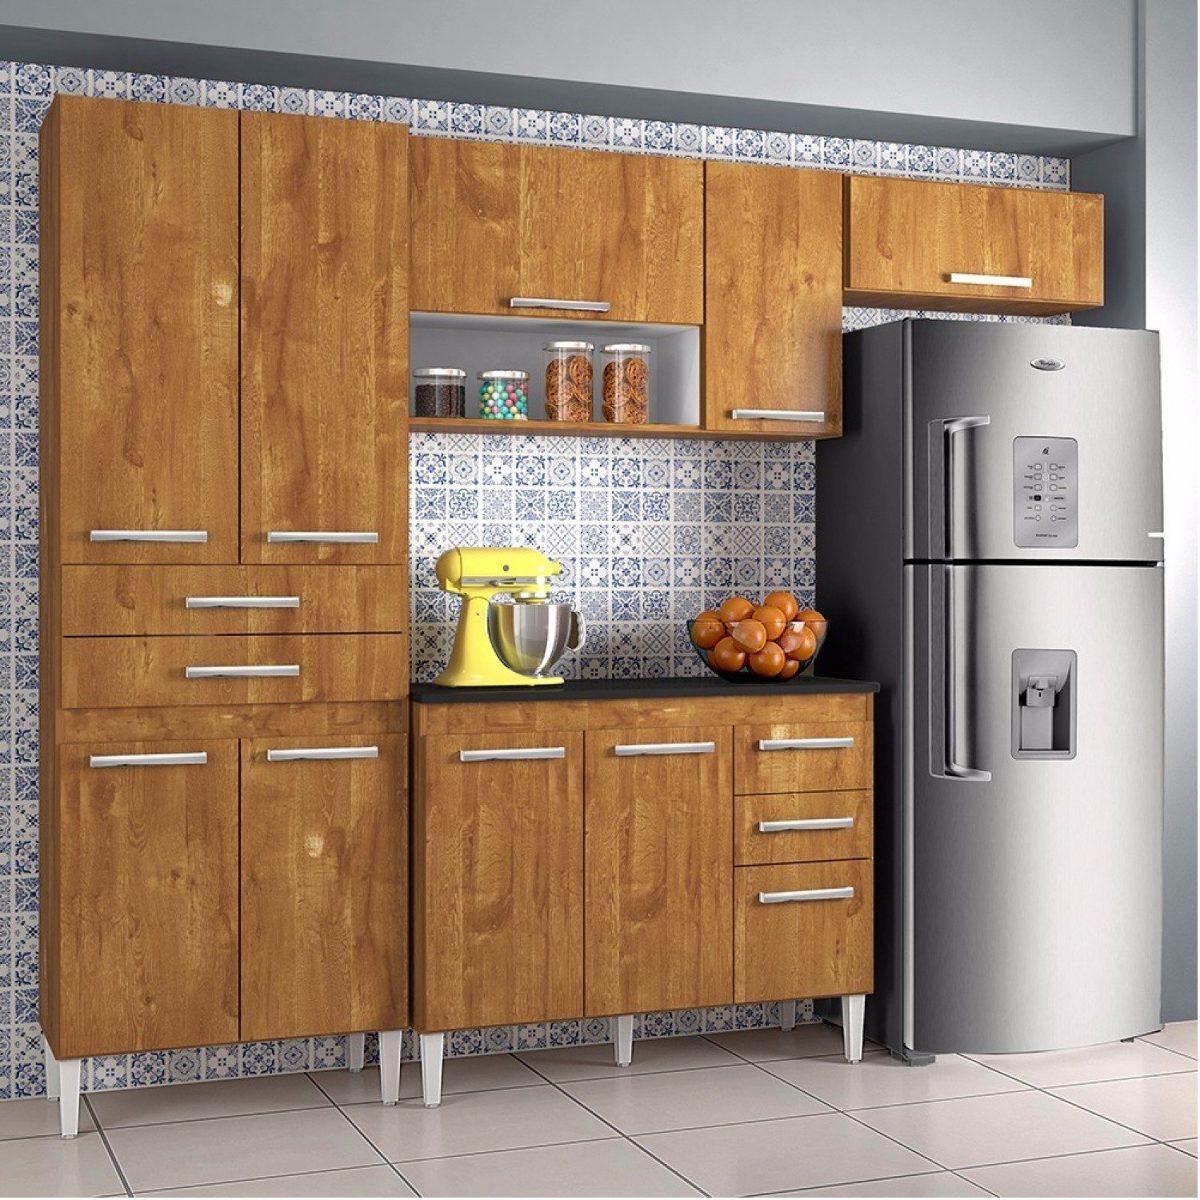 Cozinha Compacta 3 Pe As 7 Portas 2 Gavetas Tamara Bcwt R 518 30